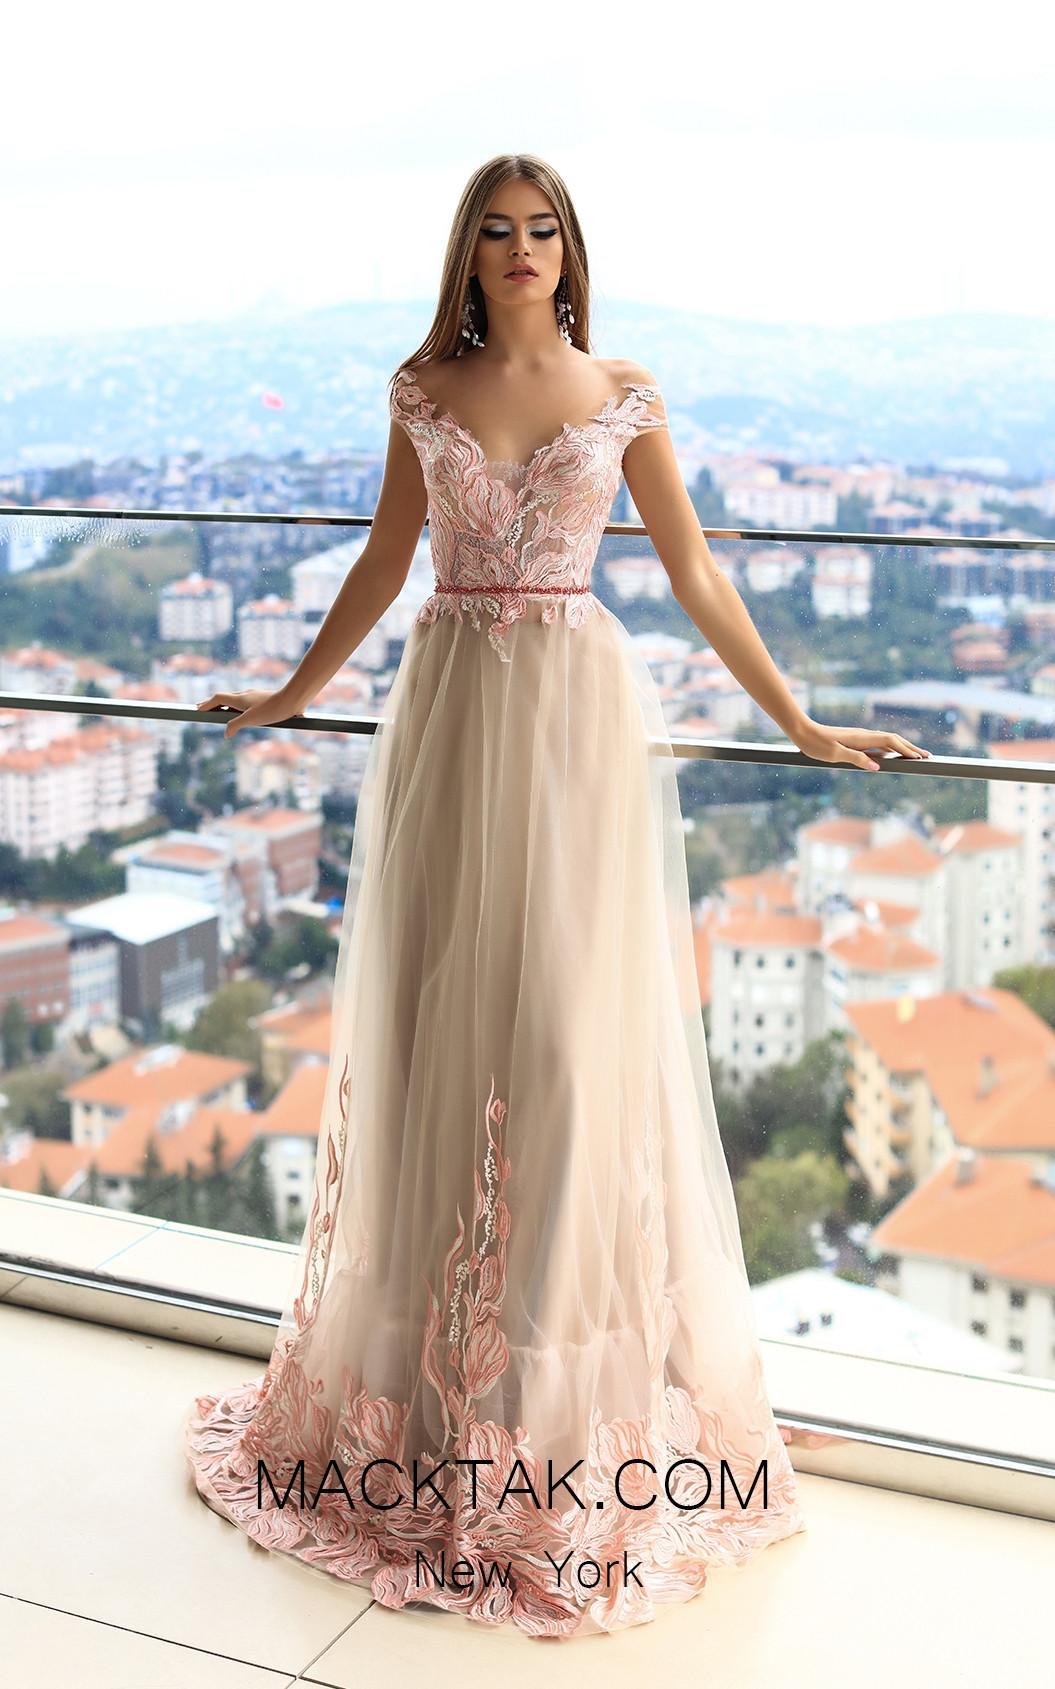 Pollardi Minkar 09006 Dress